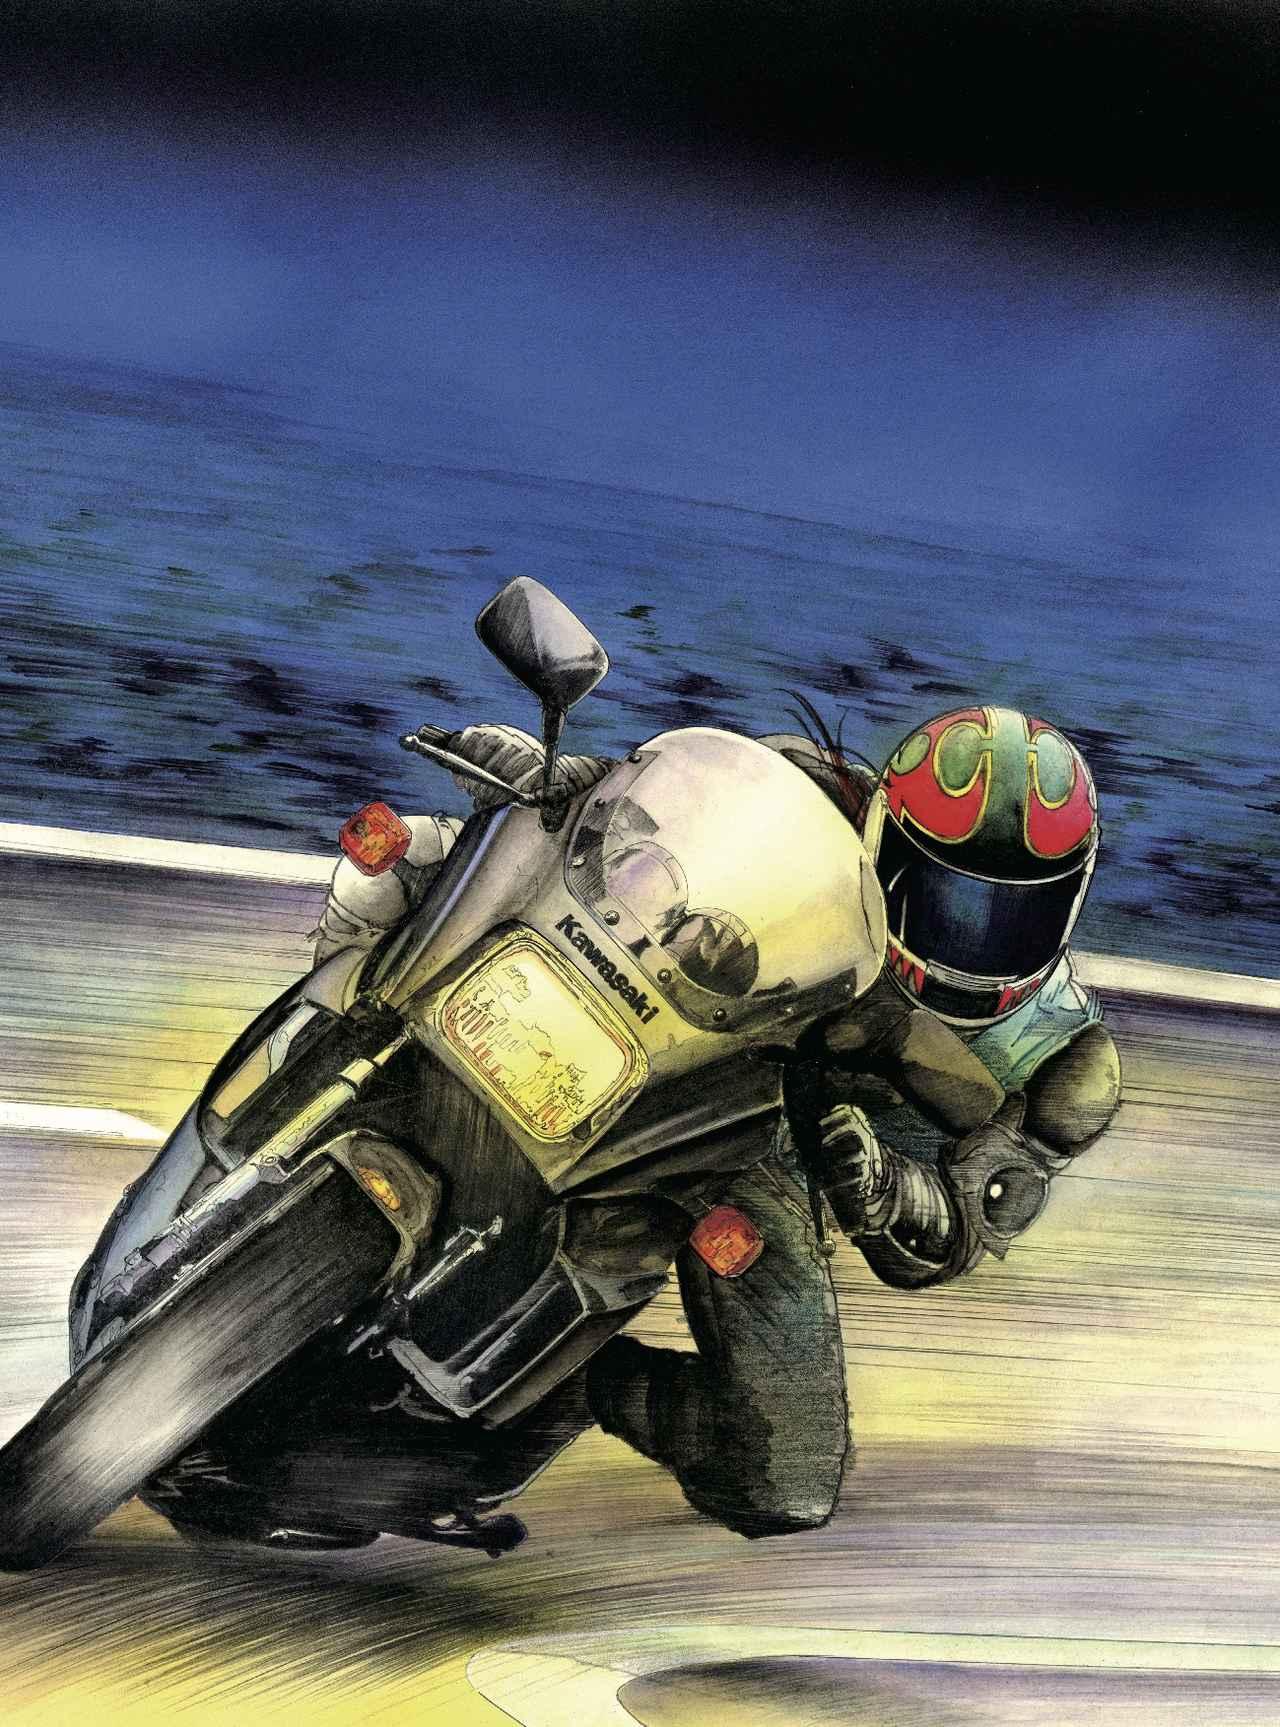 画像: カワサキ ニンジャ GPZ900R (逆輸入フルパワー車) エンジン:908cc 水冷4ストロークDOHC4バルブ並列4気筒 最高出力:115ps/9,500 rpm 最大トルク:8.7kg-m/8,500 rpm